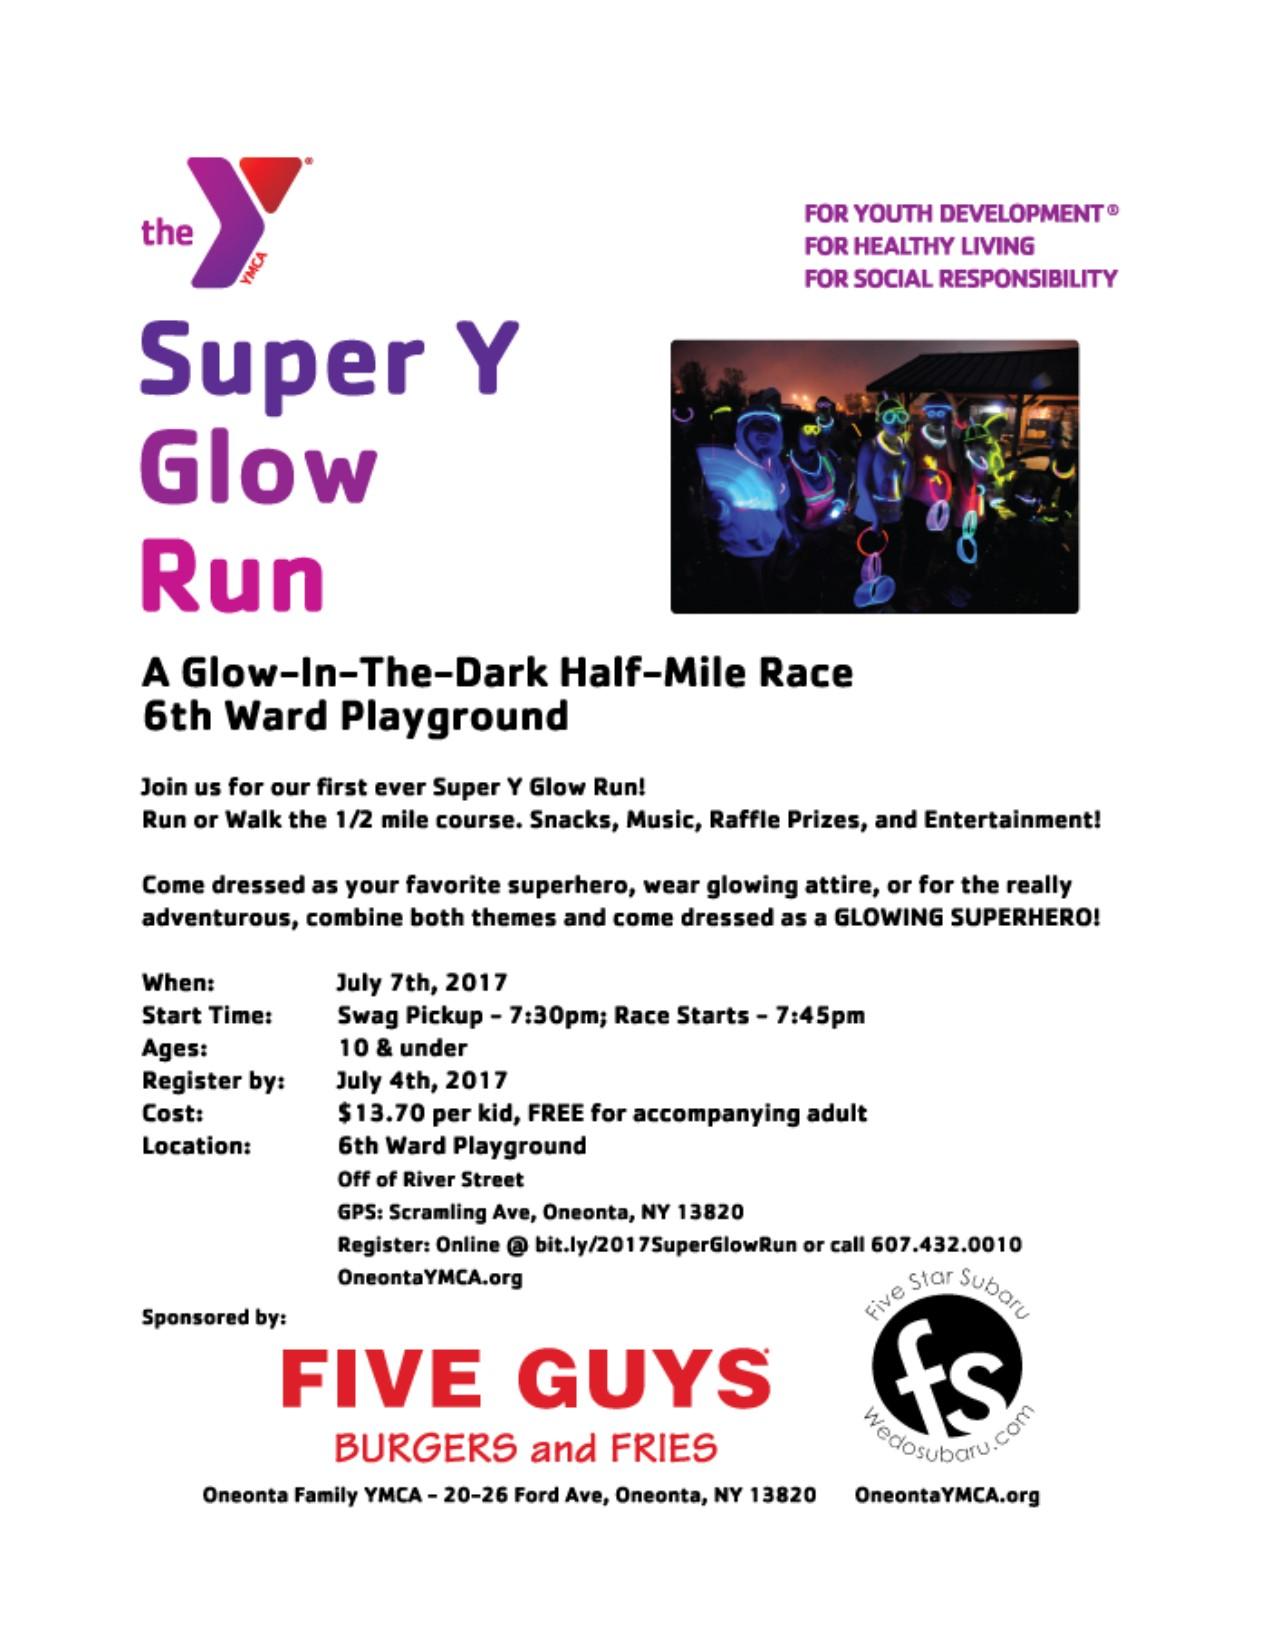 Super Y Glow Run